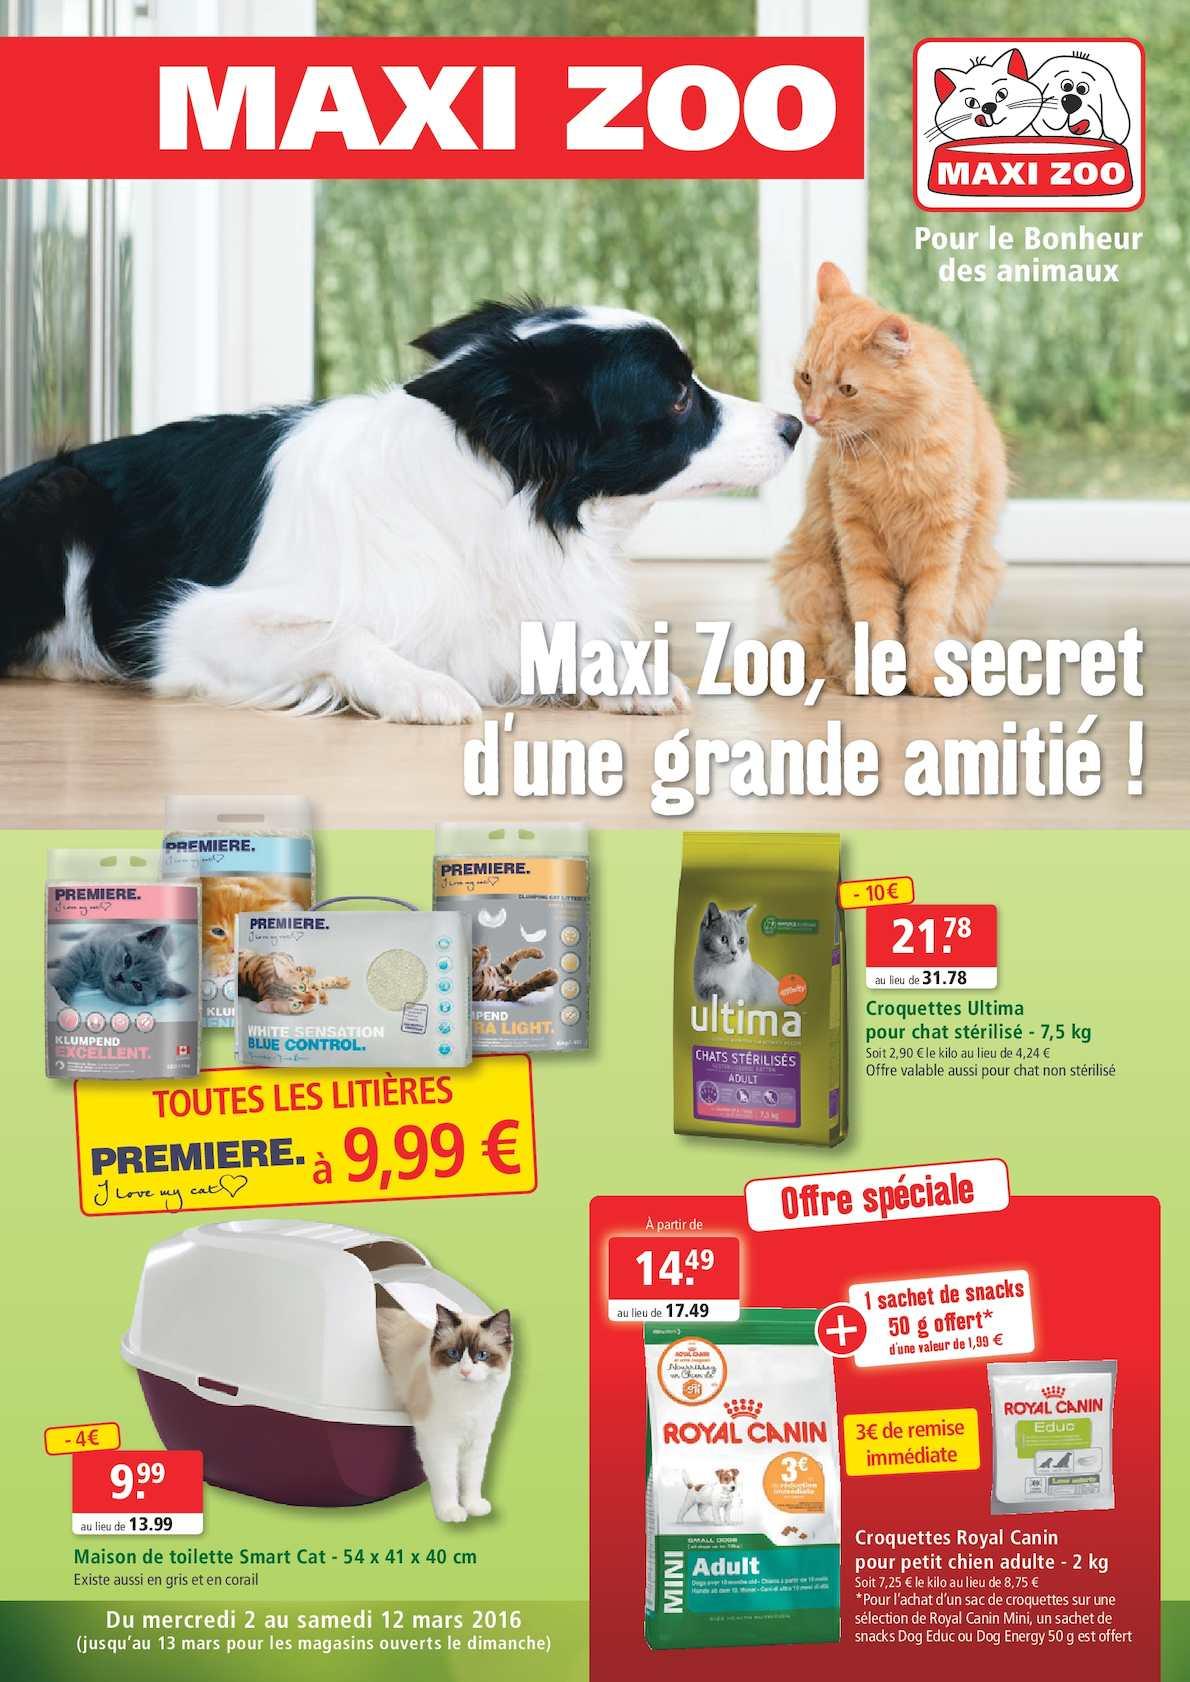 Calam o maxi zoo le secret d 39 une grande amiti - Magasin ouvert dimanche 7 mai ...